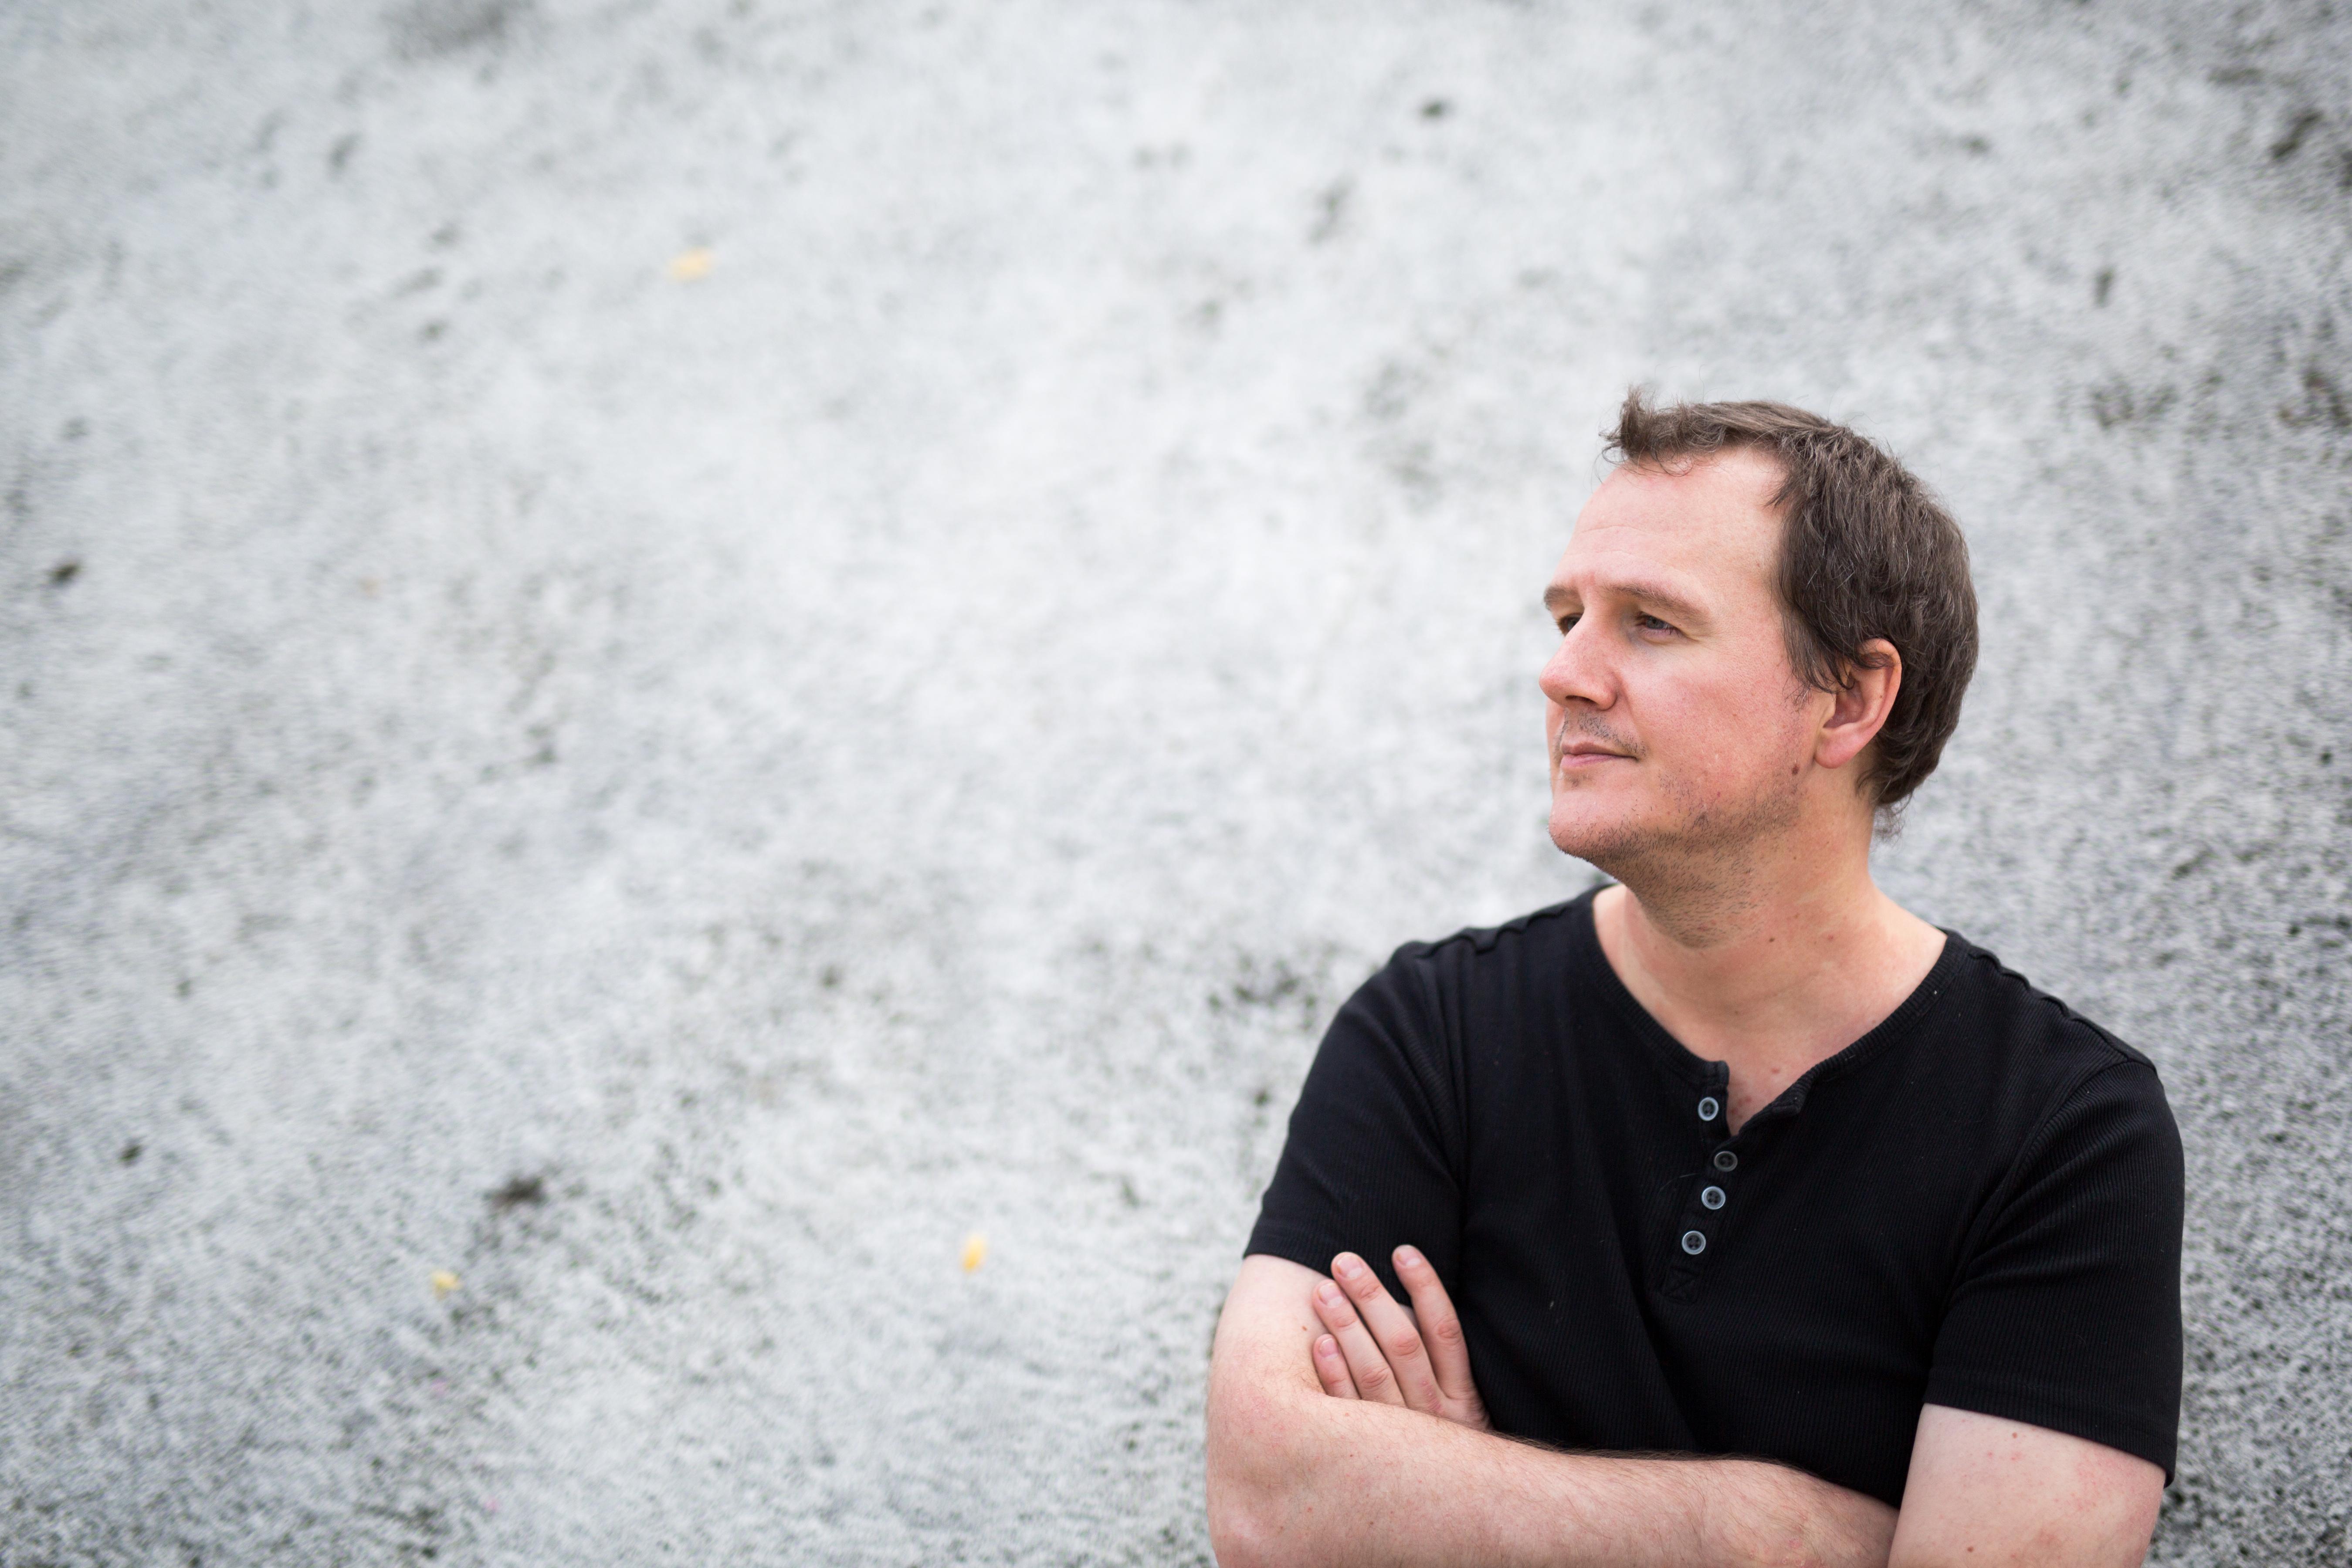 Jonathan Shorten (by Cynthia Rezende)